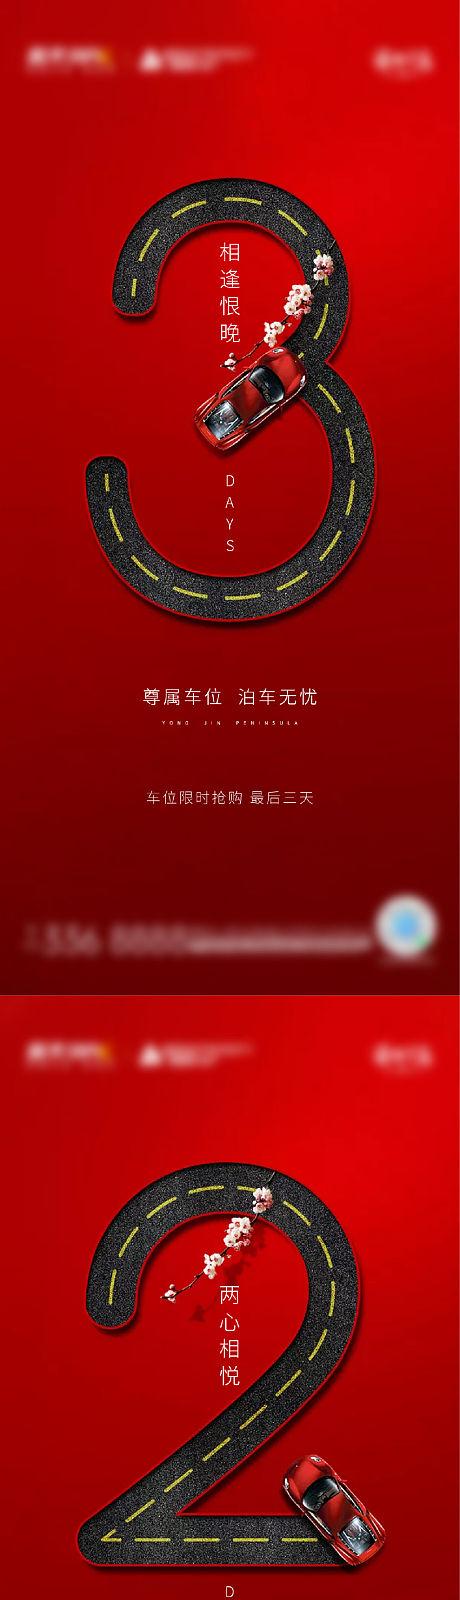 红色车位倒计时房地产海报-源文件